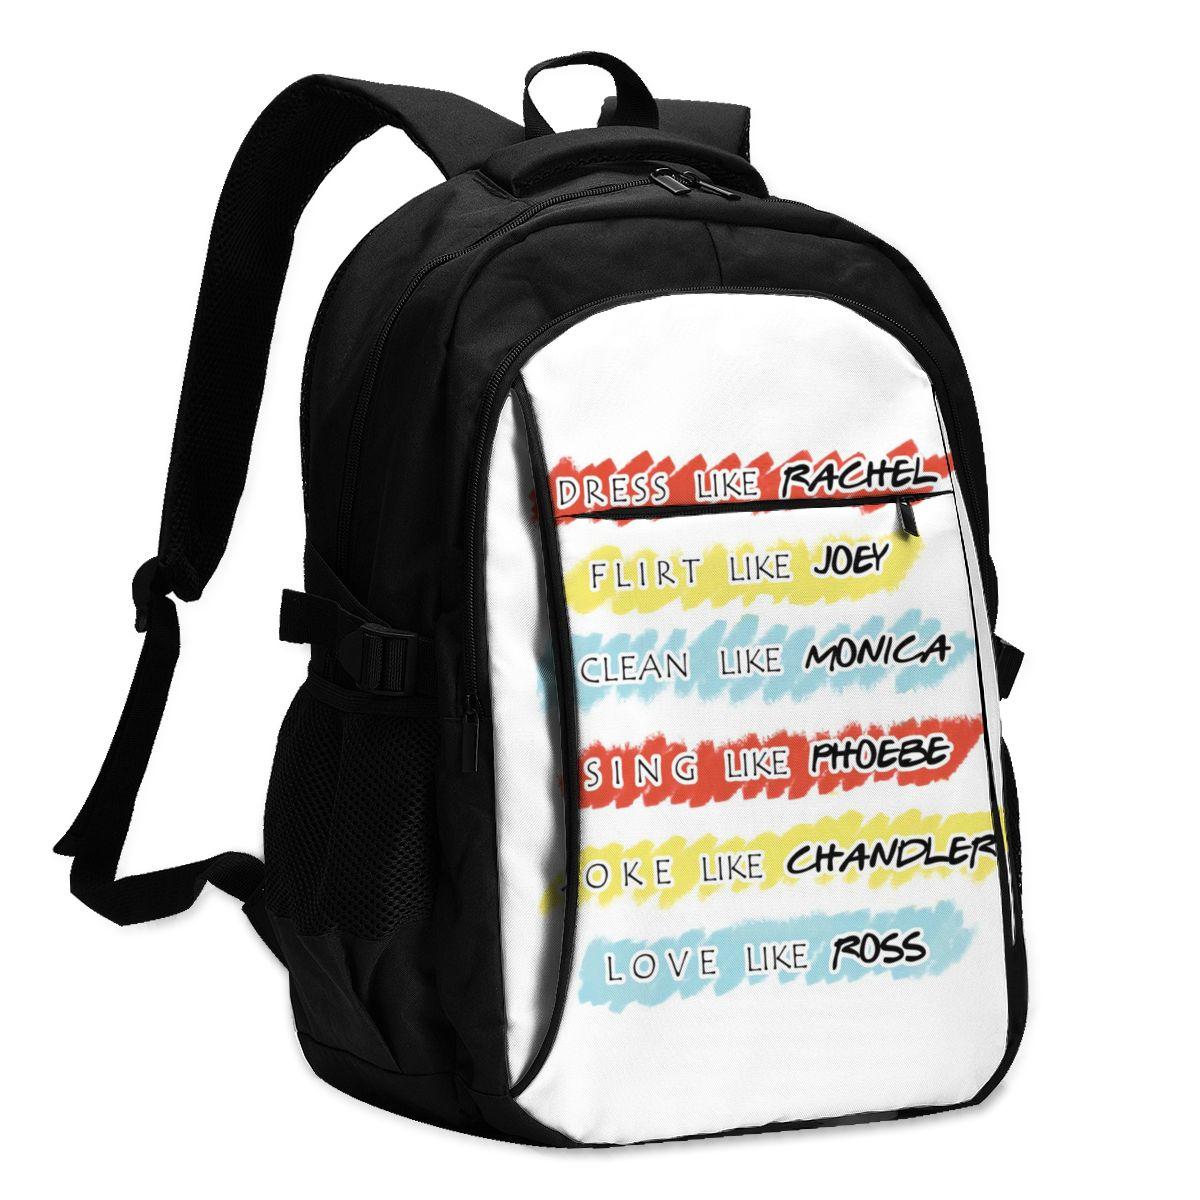 الأصدقاء التلفزيون حقائب الظهر شاحن USB المدرسة الابتدائية الشباب على ظهره حقائب لينة عالمية